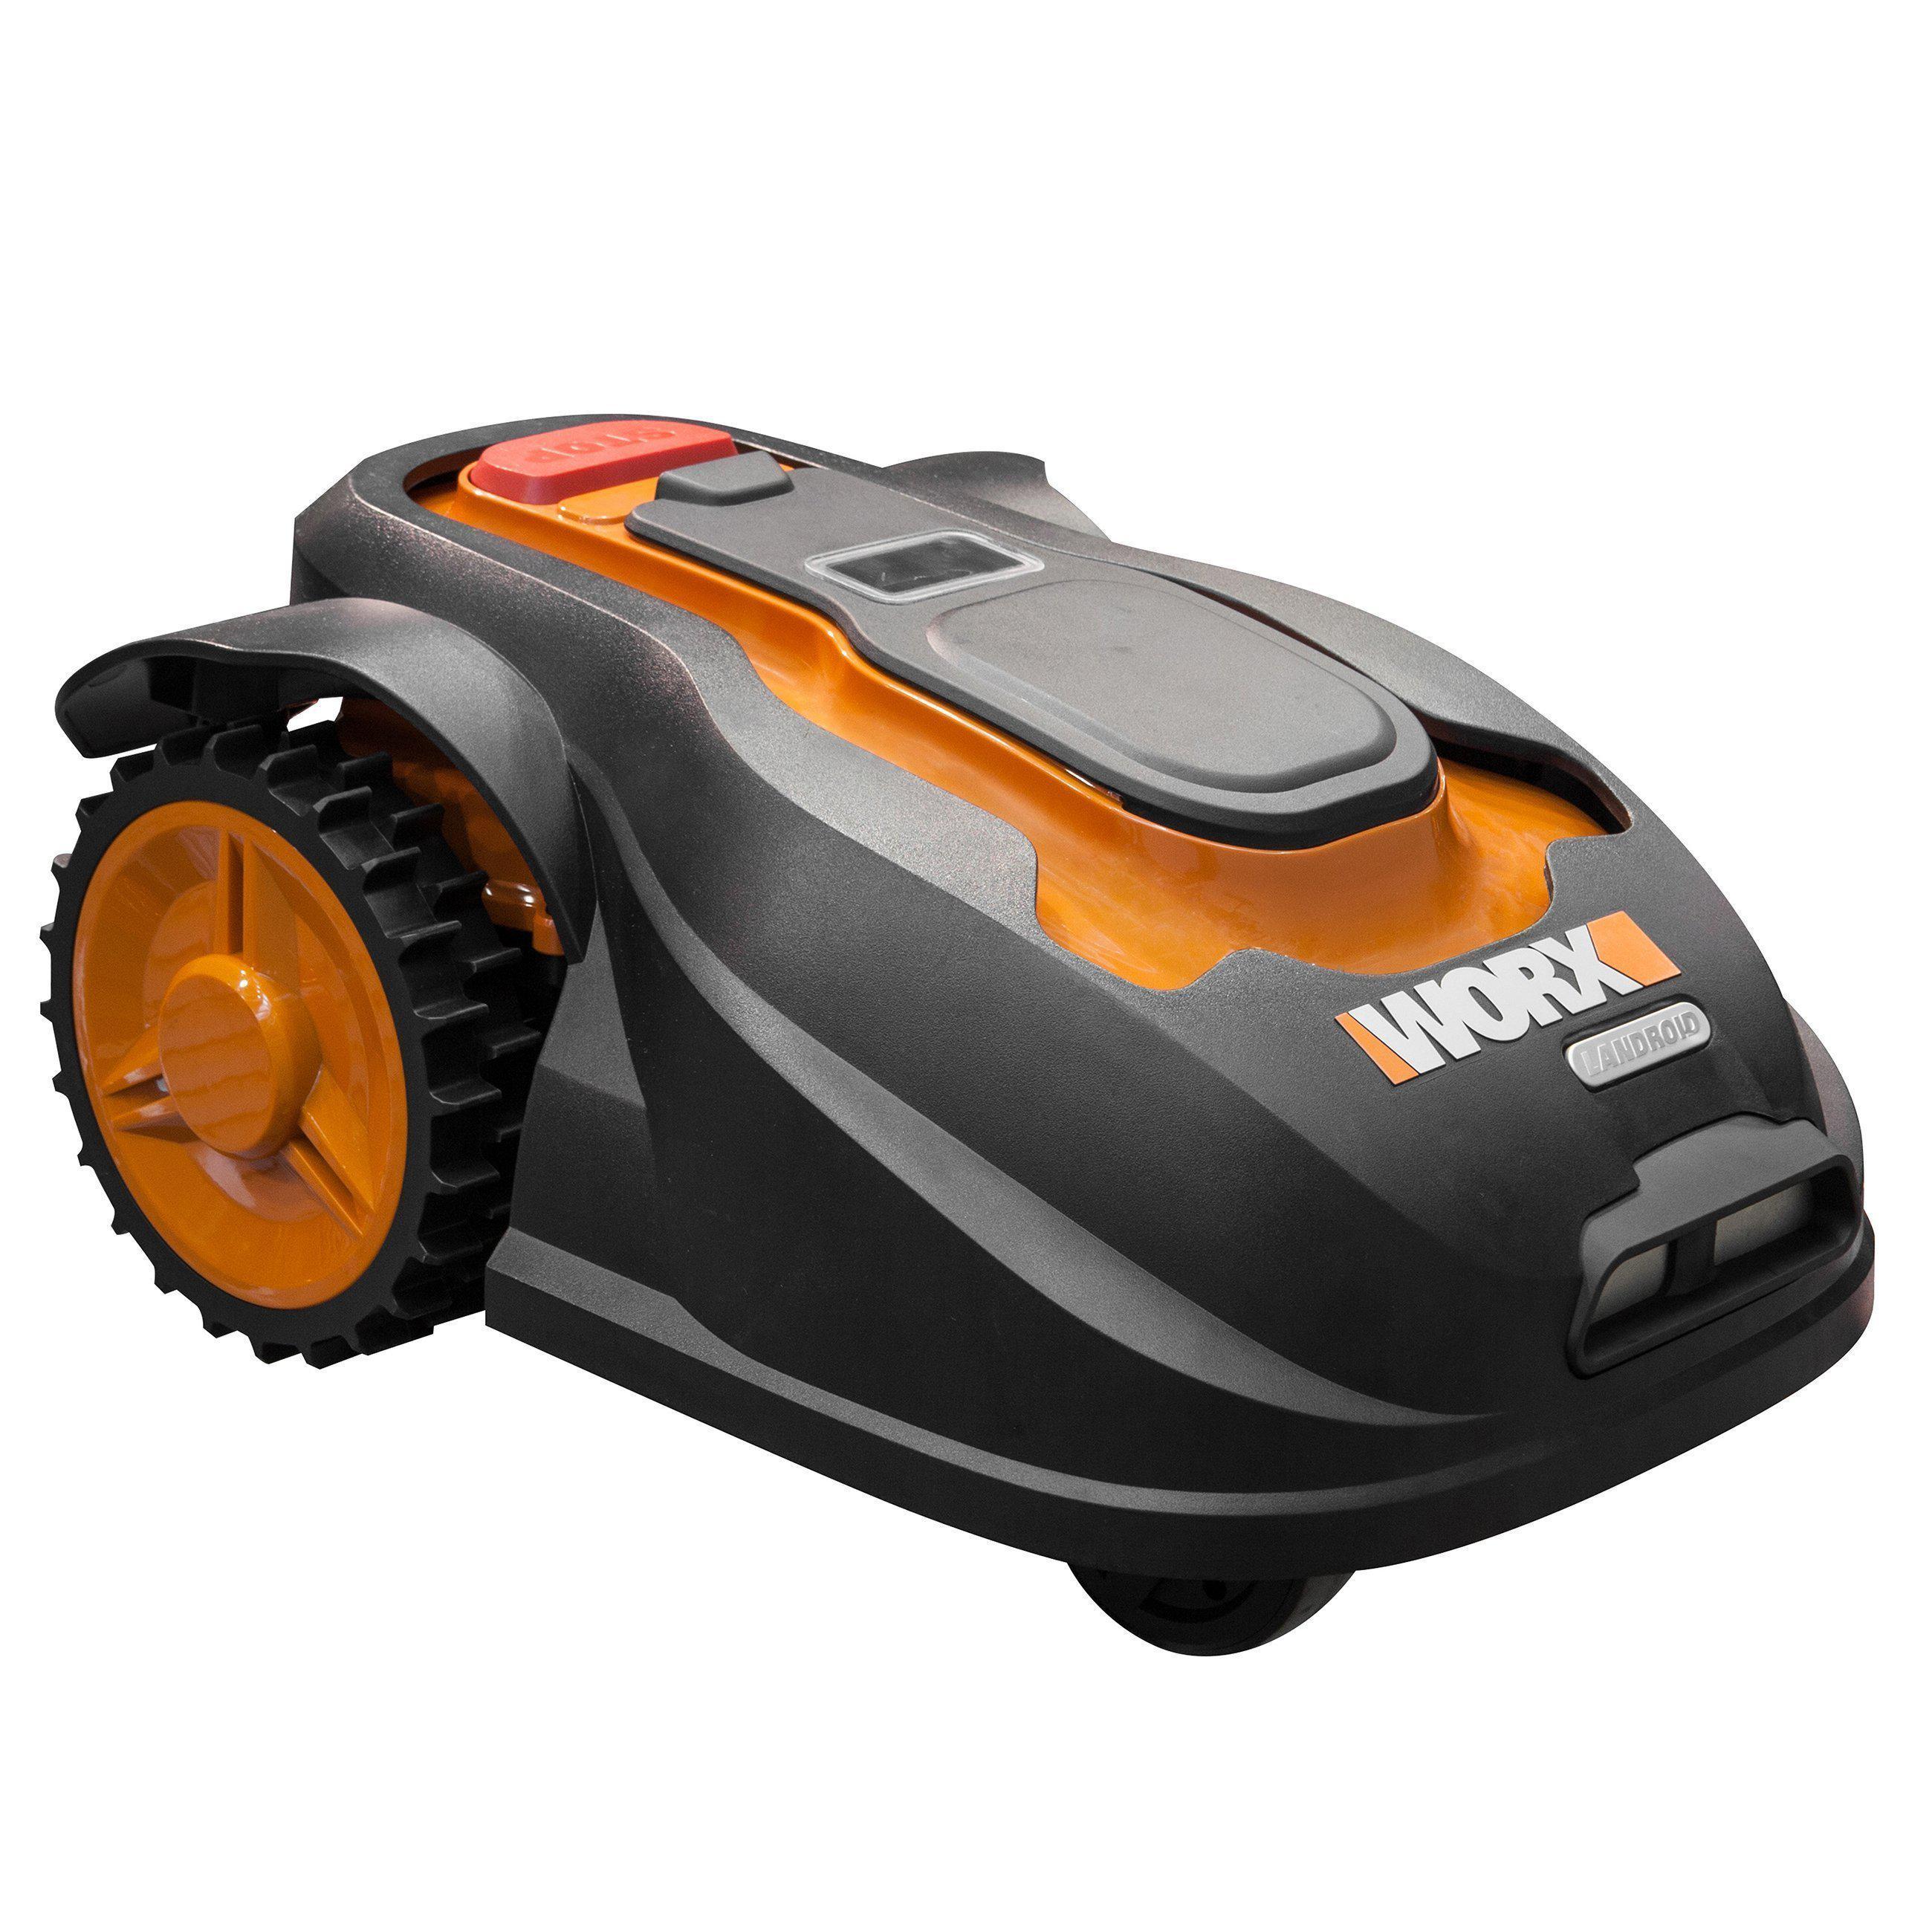 Газонокосилка-робот Worx Landroid m wg757e газонокосилка робот bosch indego 350 06008b0000